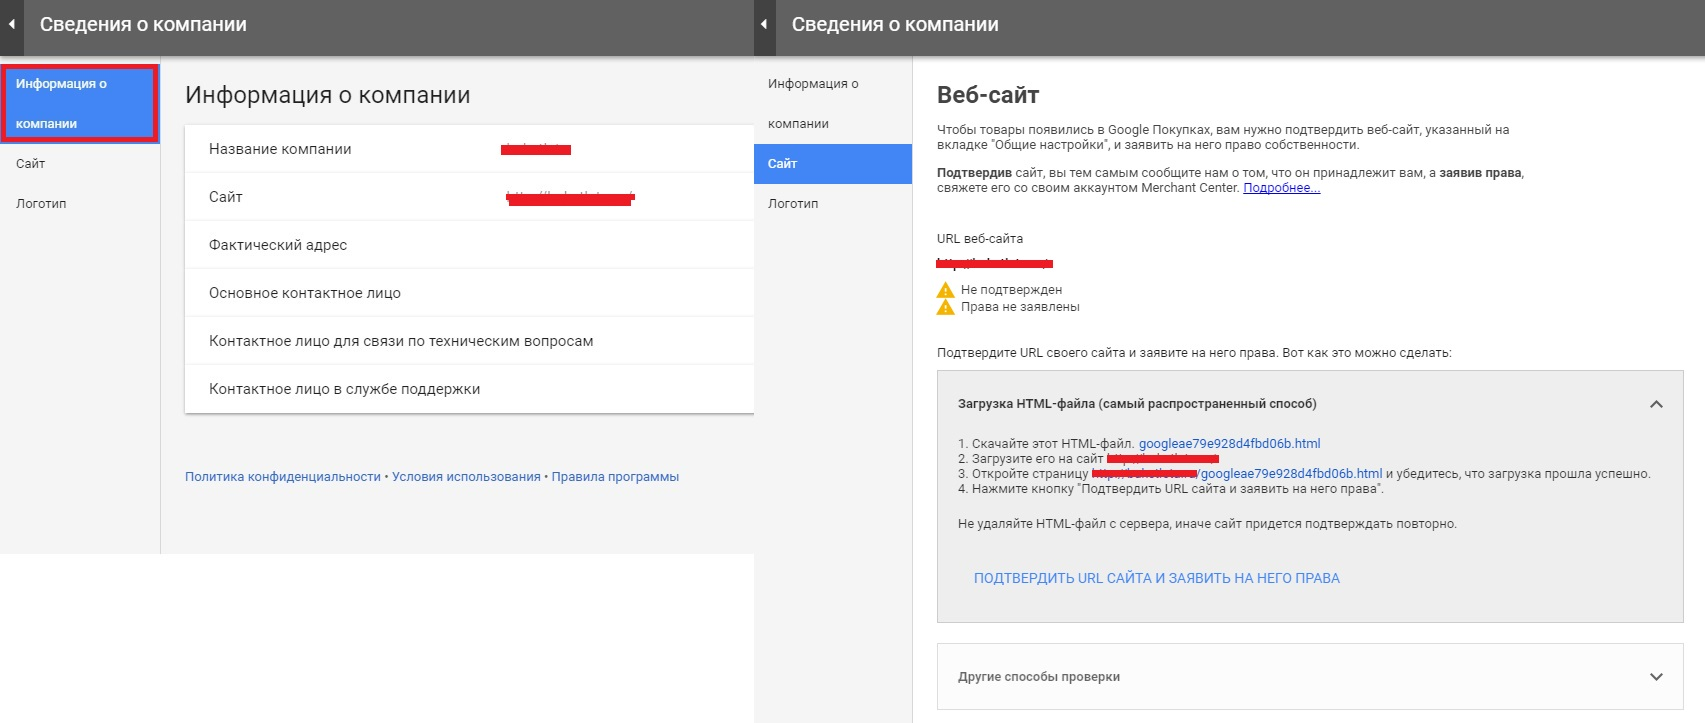 """Вкладка """"Сведения о компании"""" в Google Merchant Center"""